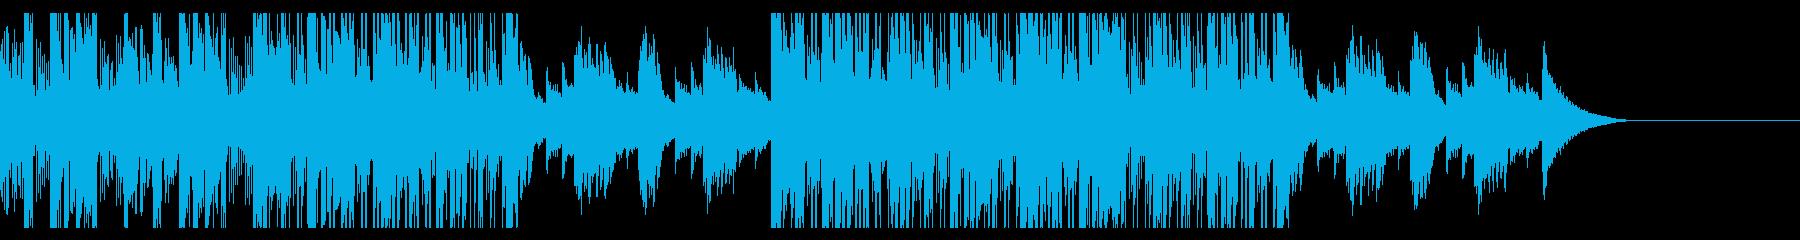 カフェの明るいジャズピアノの再生済みの波形